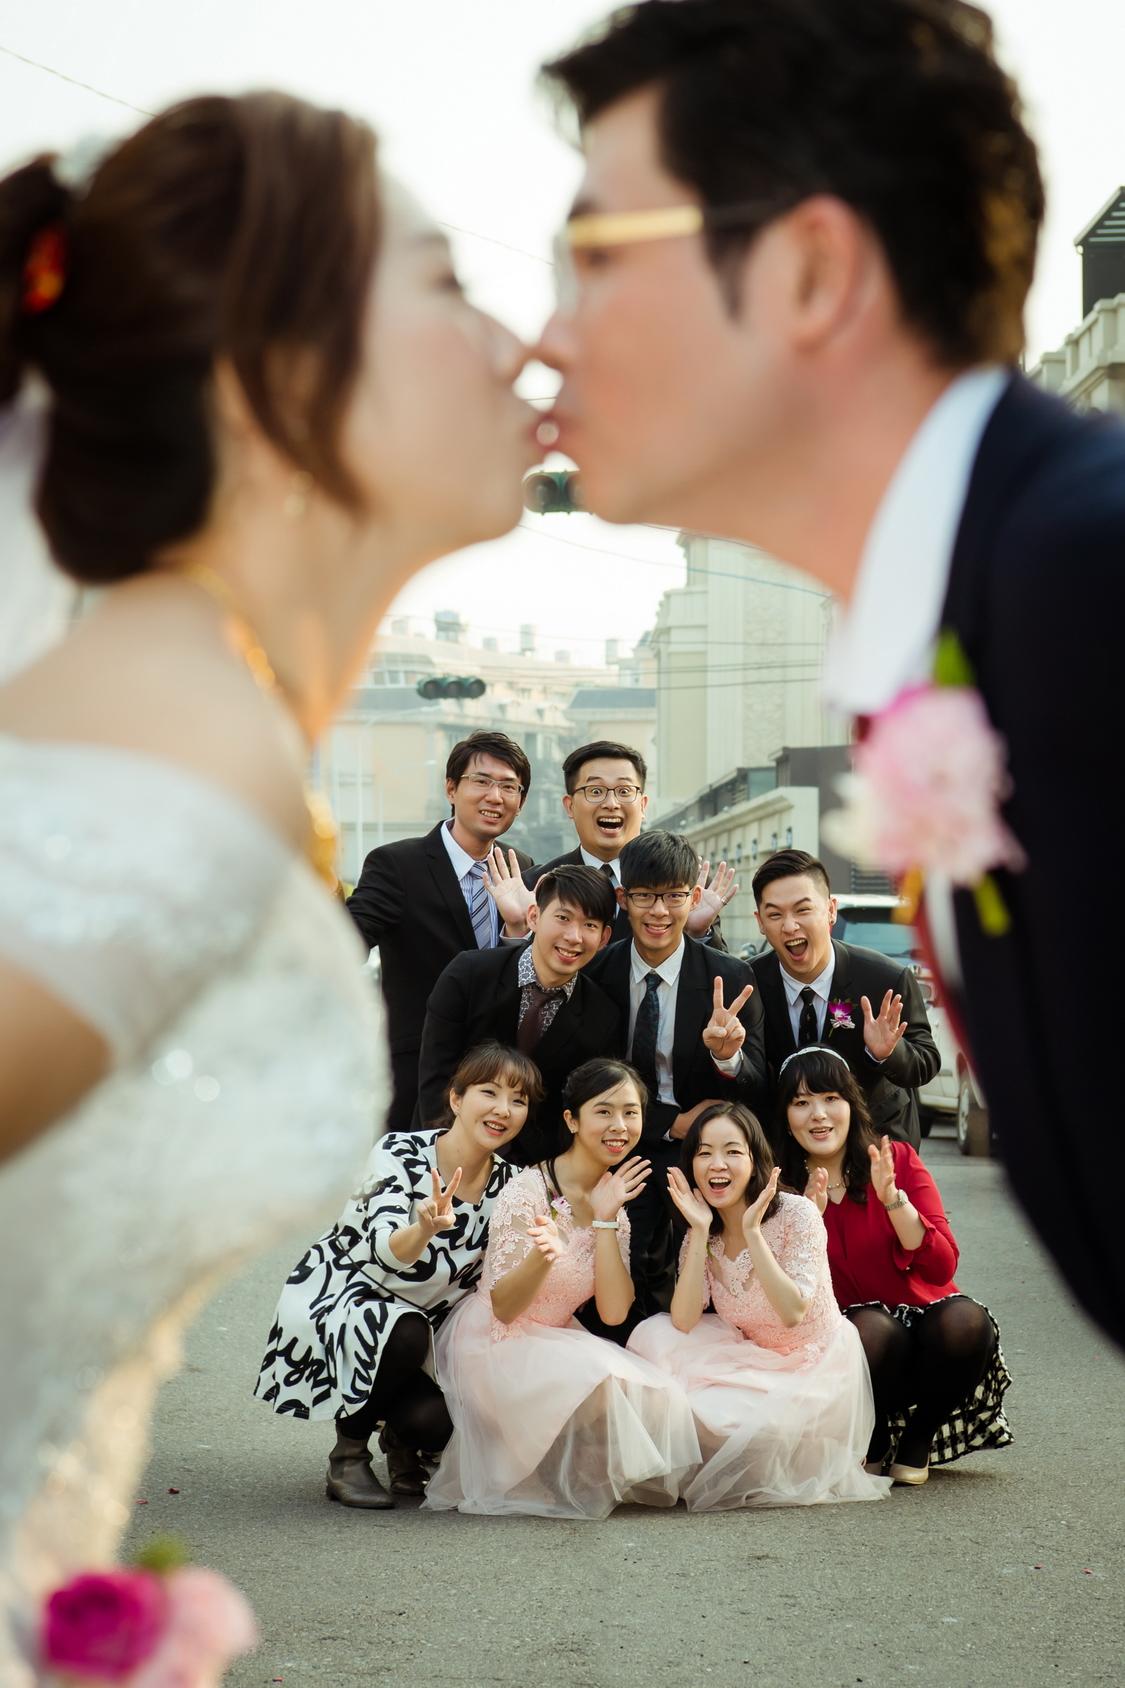 【比堤婚紗.結婚.婚禮紀錄】哲宇 ♥ 貝恩_66